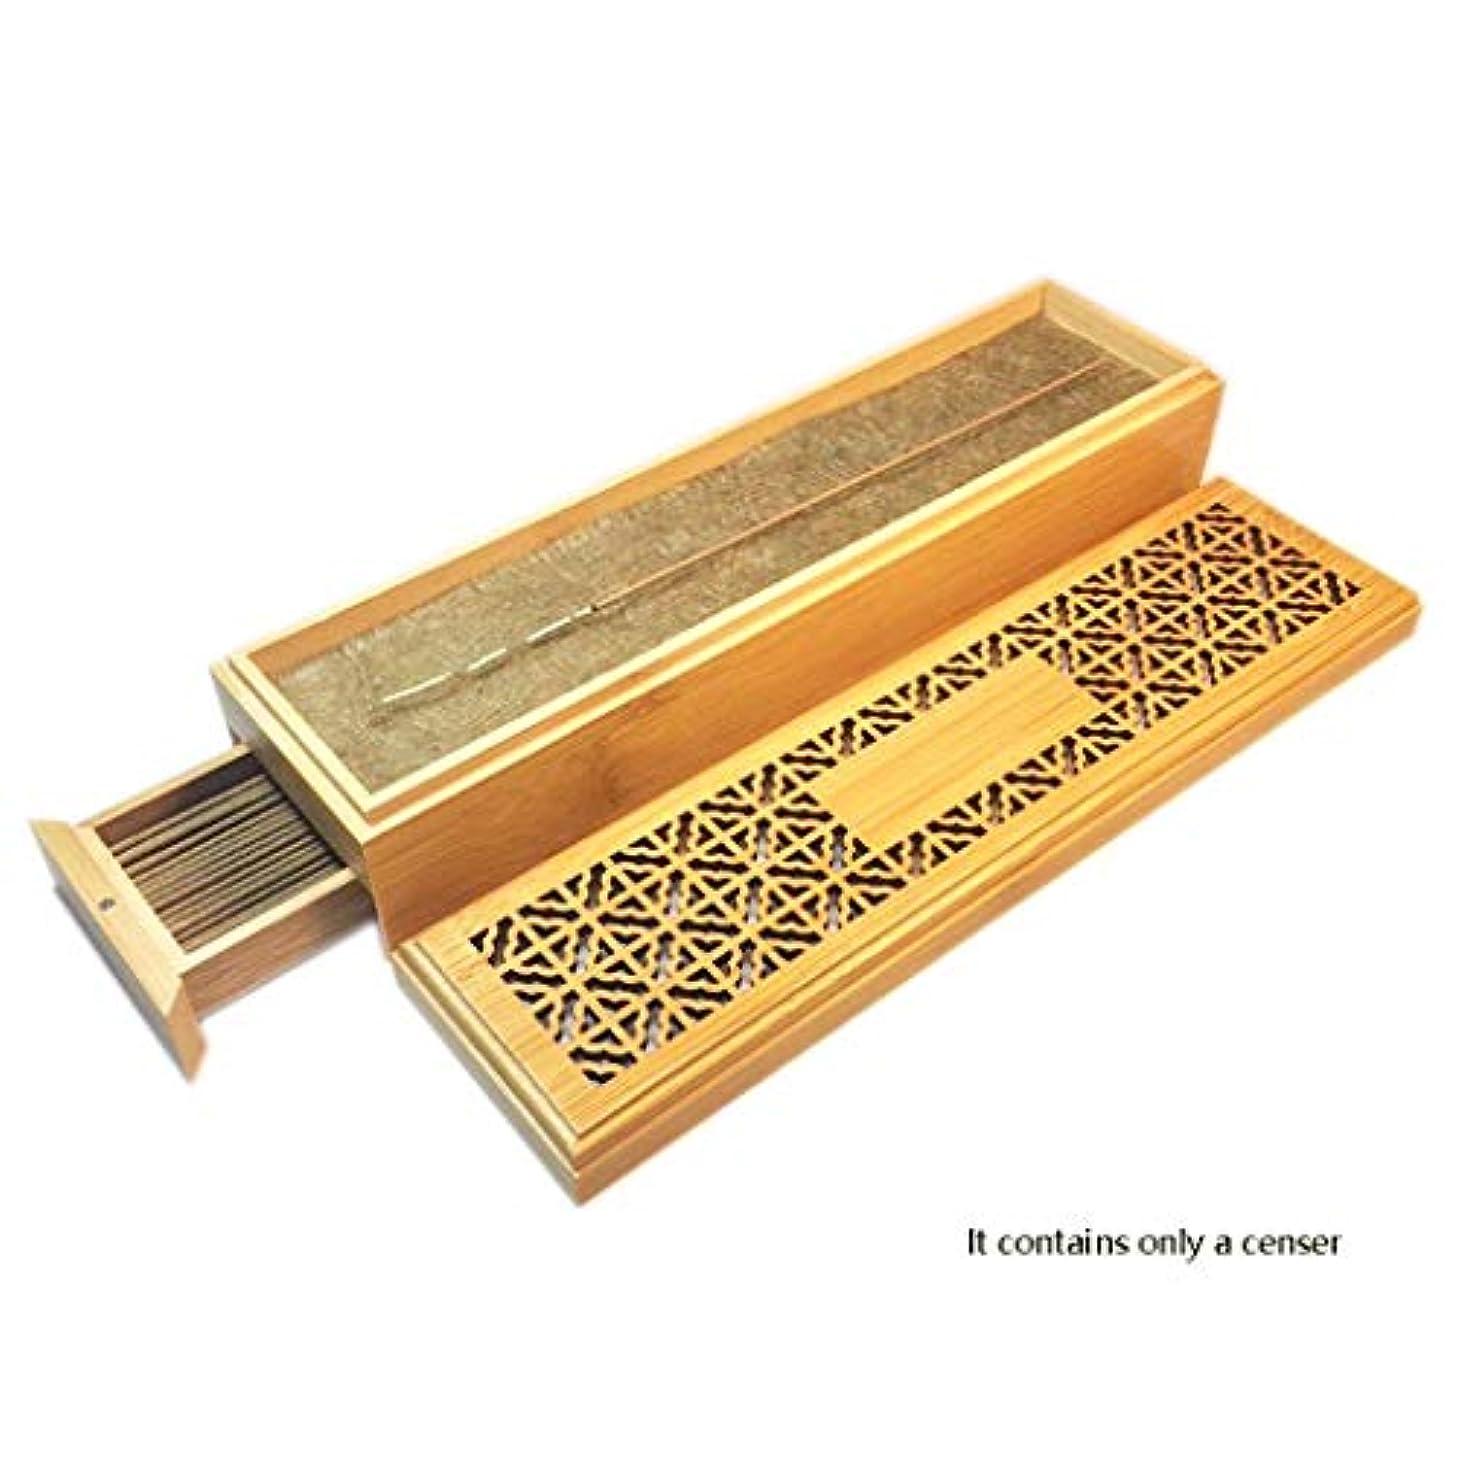 お祝いコメンテーター話をするホームアロマバーナー 竹製お香バーナー引き出し付スティック収納ボックス中空木製ケースボックスIncensoスティックホルダー 芳香器アロマバーナー (Color : Natural)